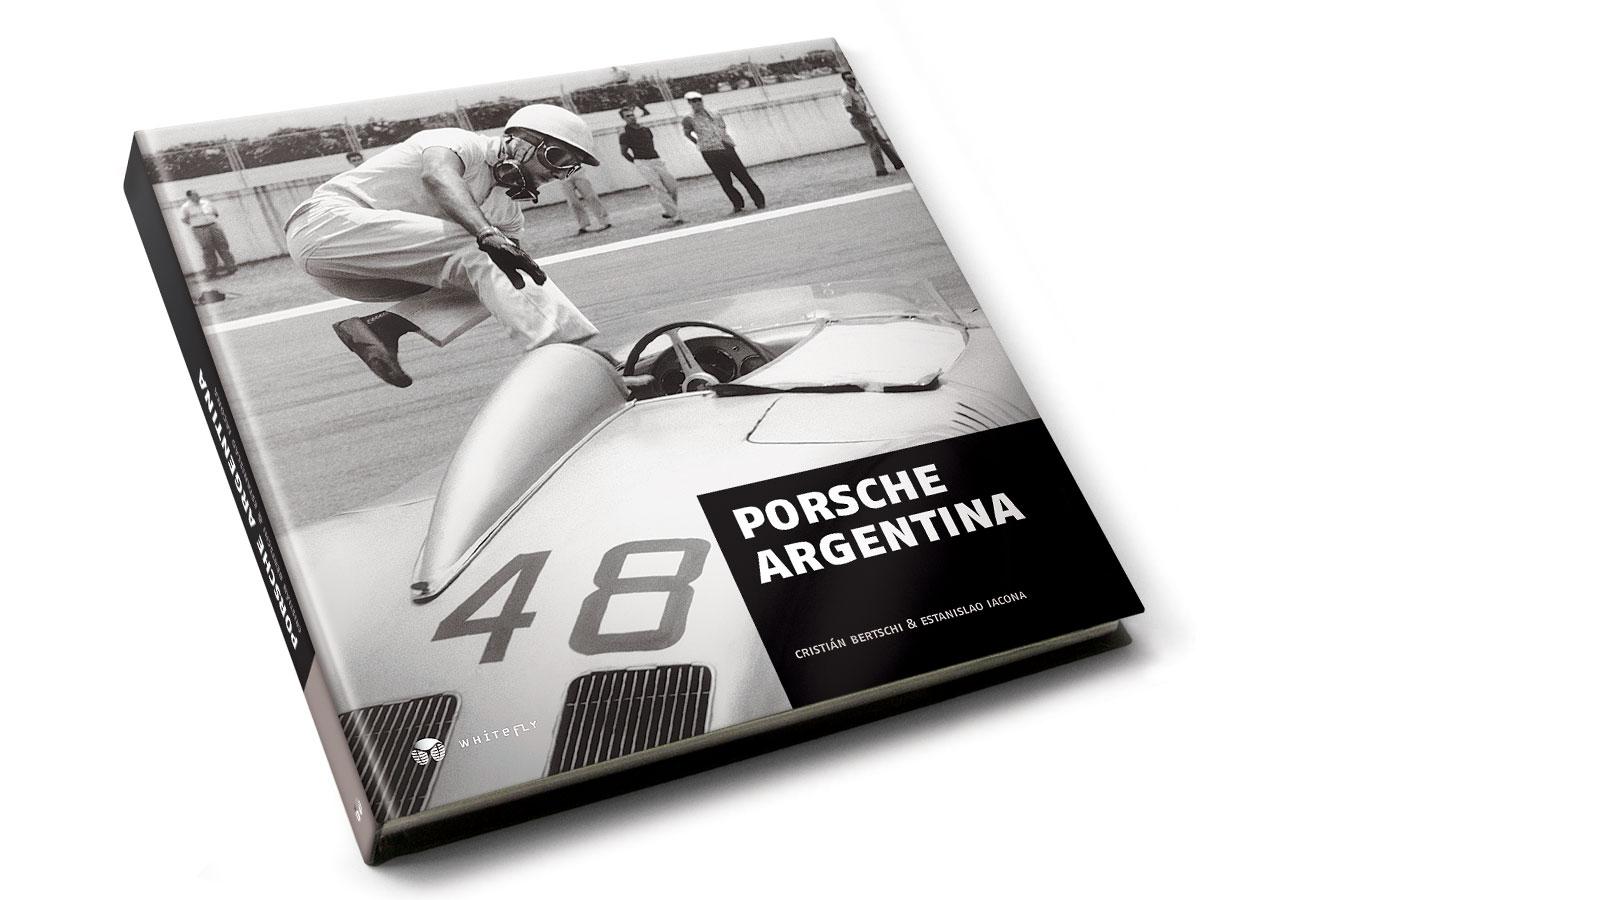 Porsche Argentina